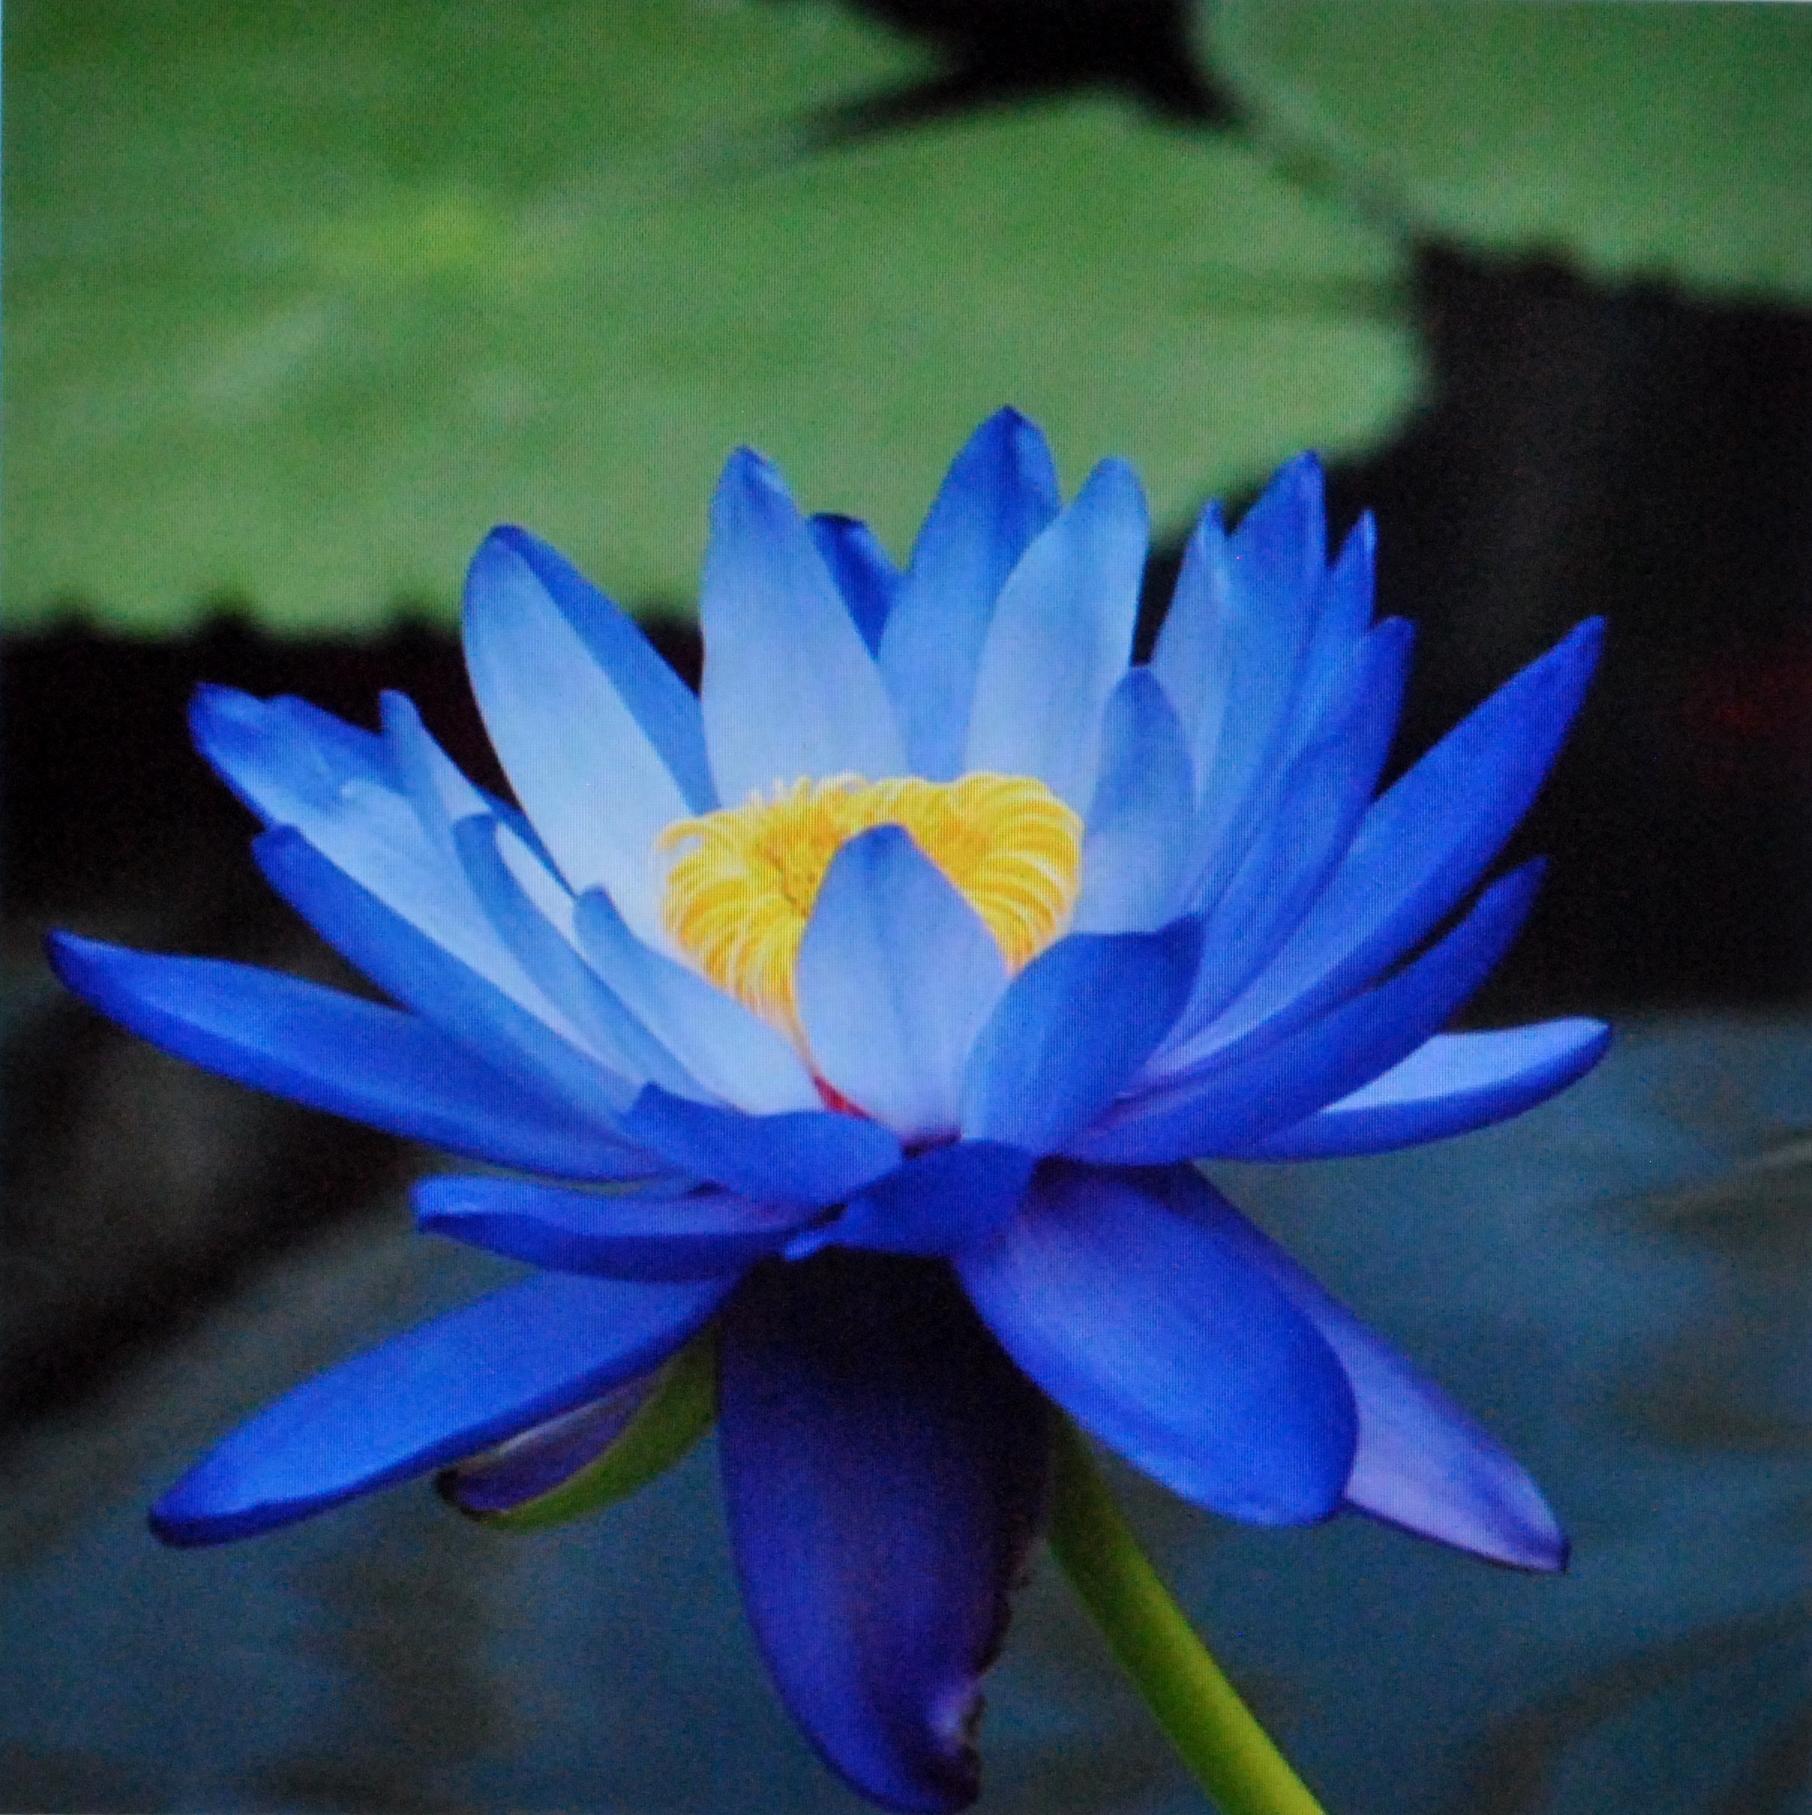 Hình ảnh hoa sen xanh nhạt